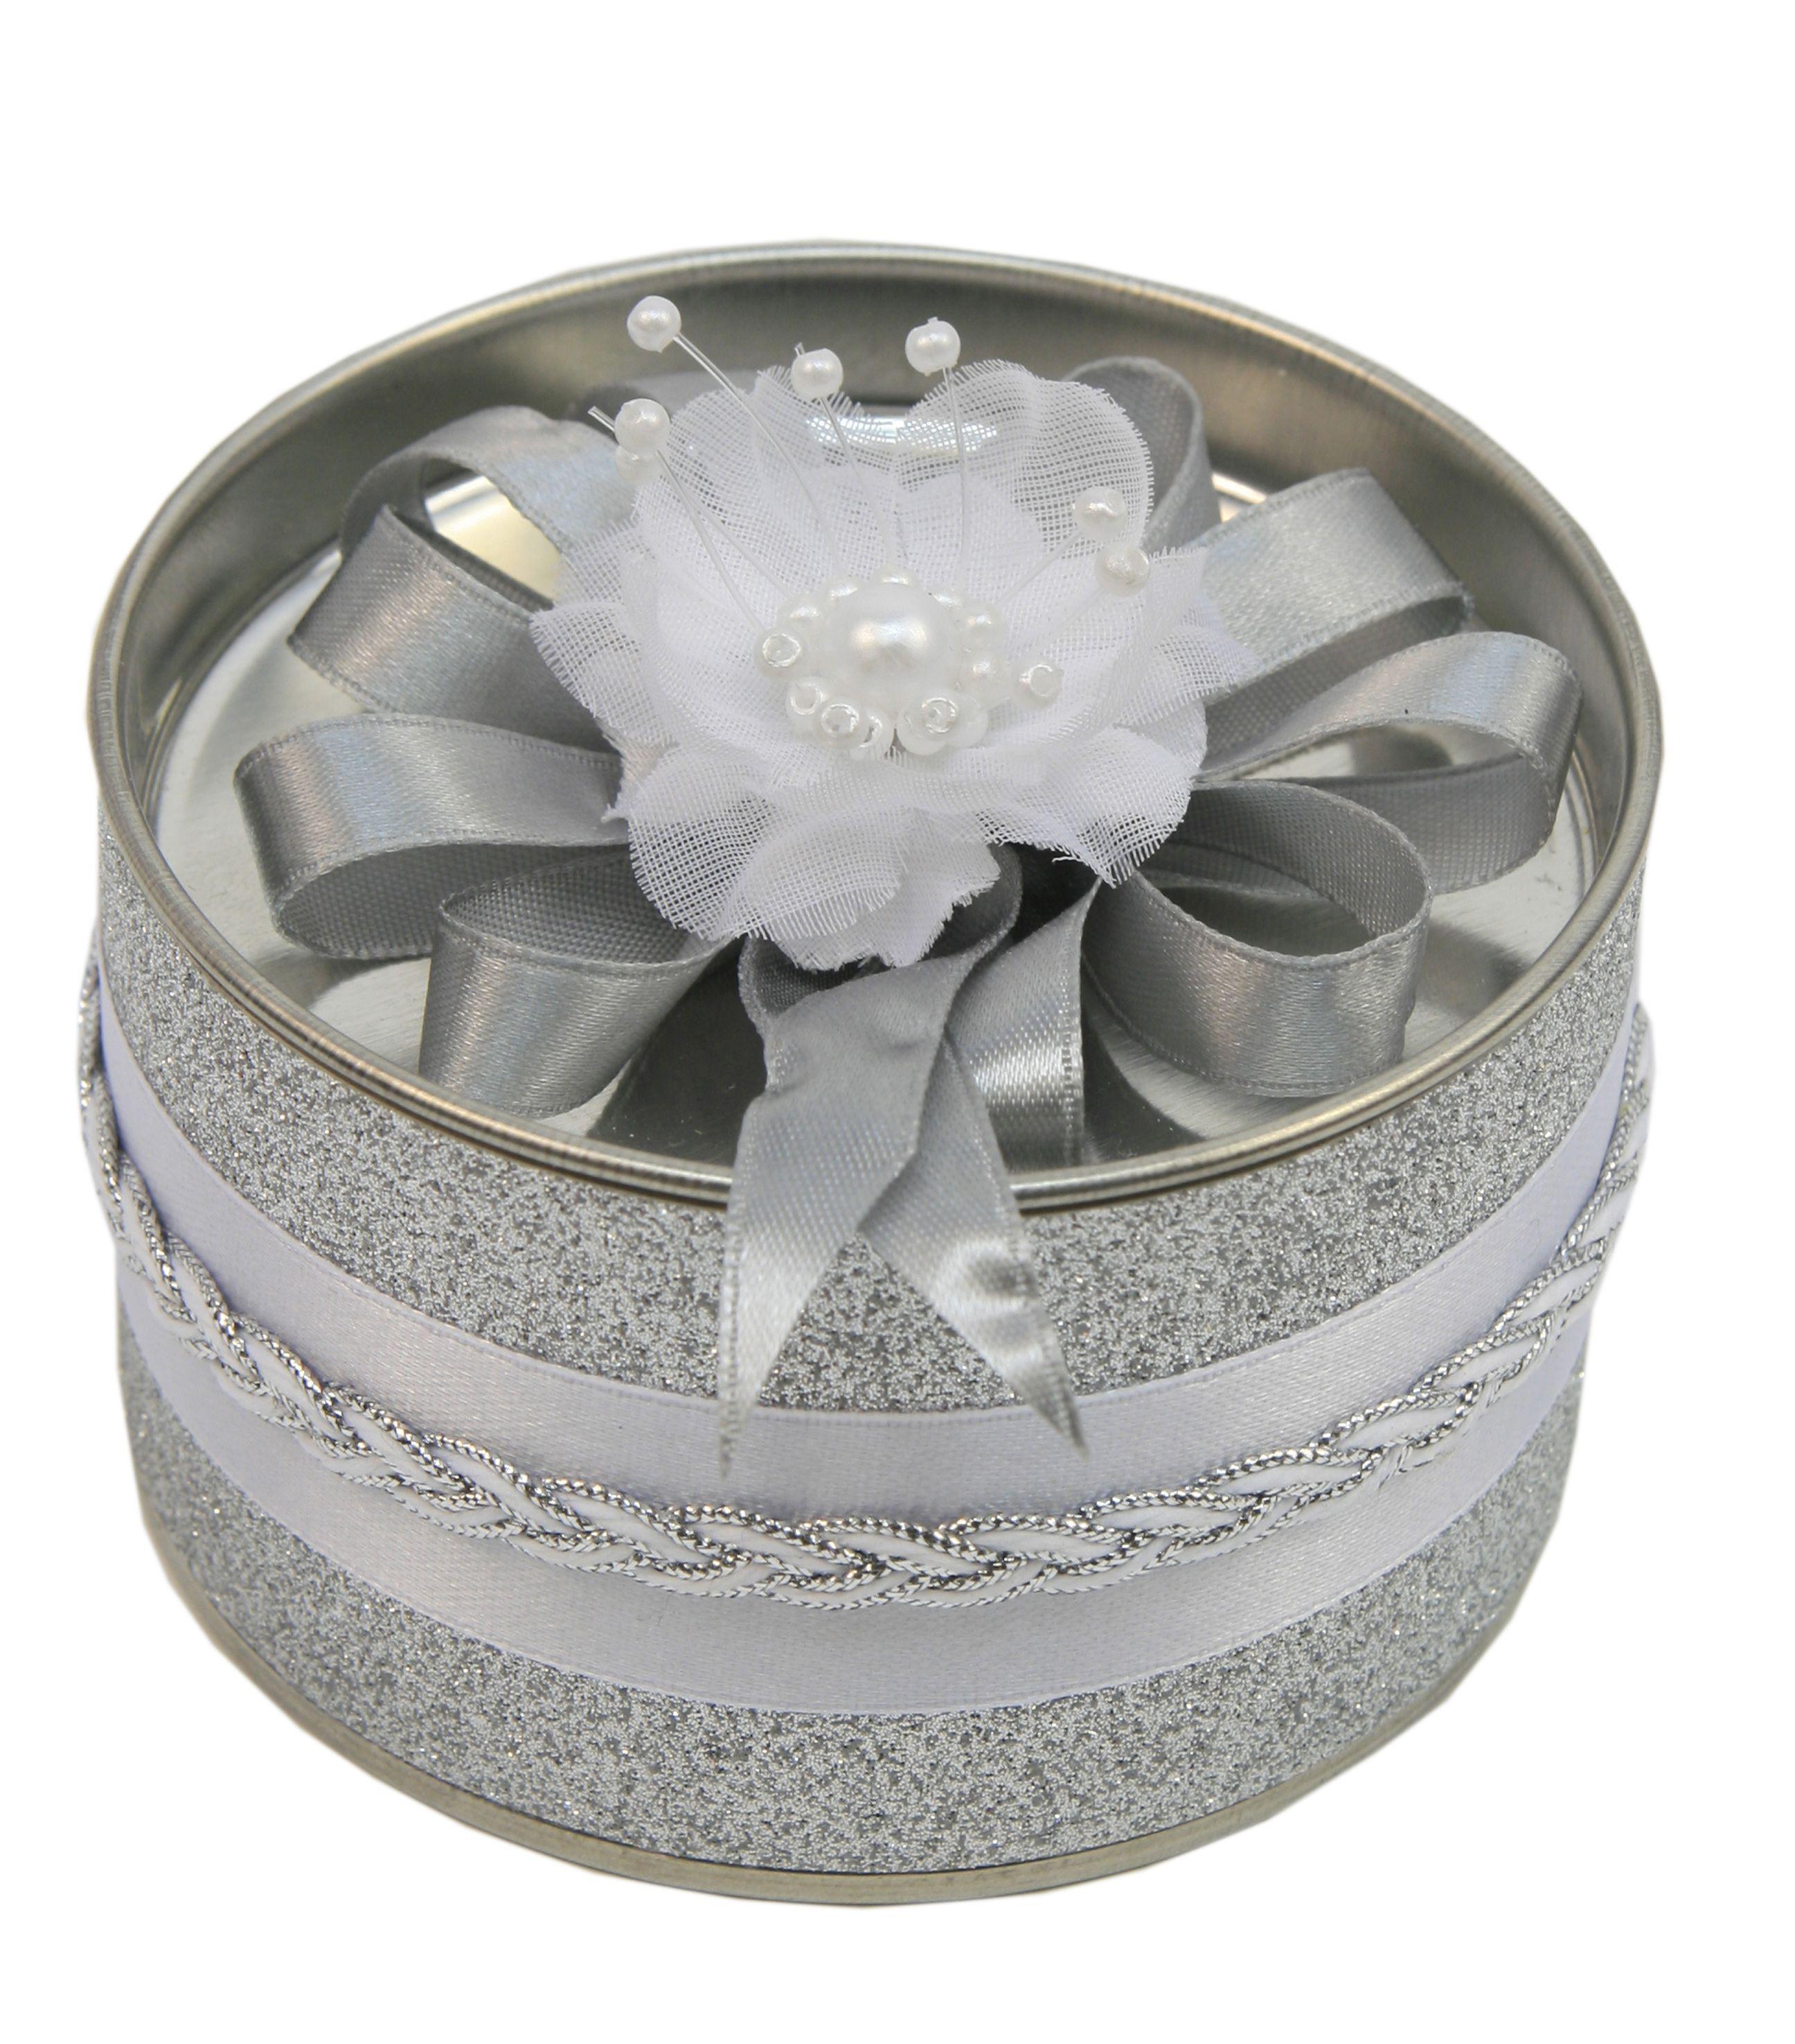 d698ba48a Recuerdo para bodas. bote con dulces color plata